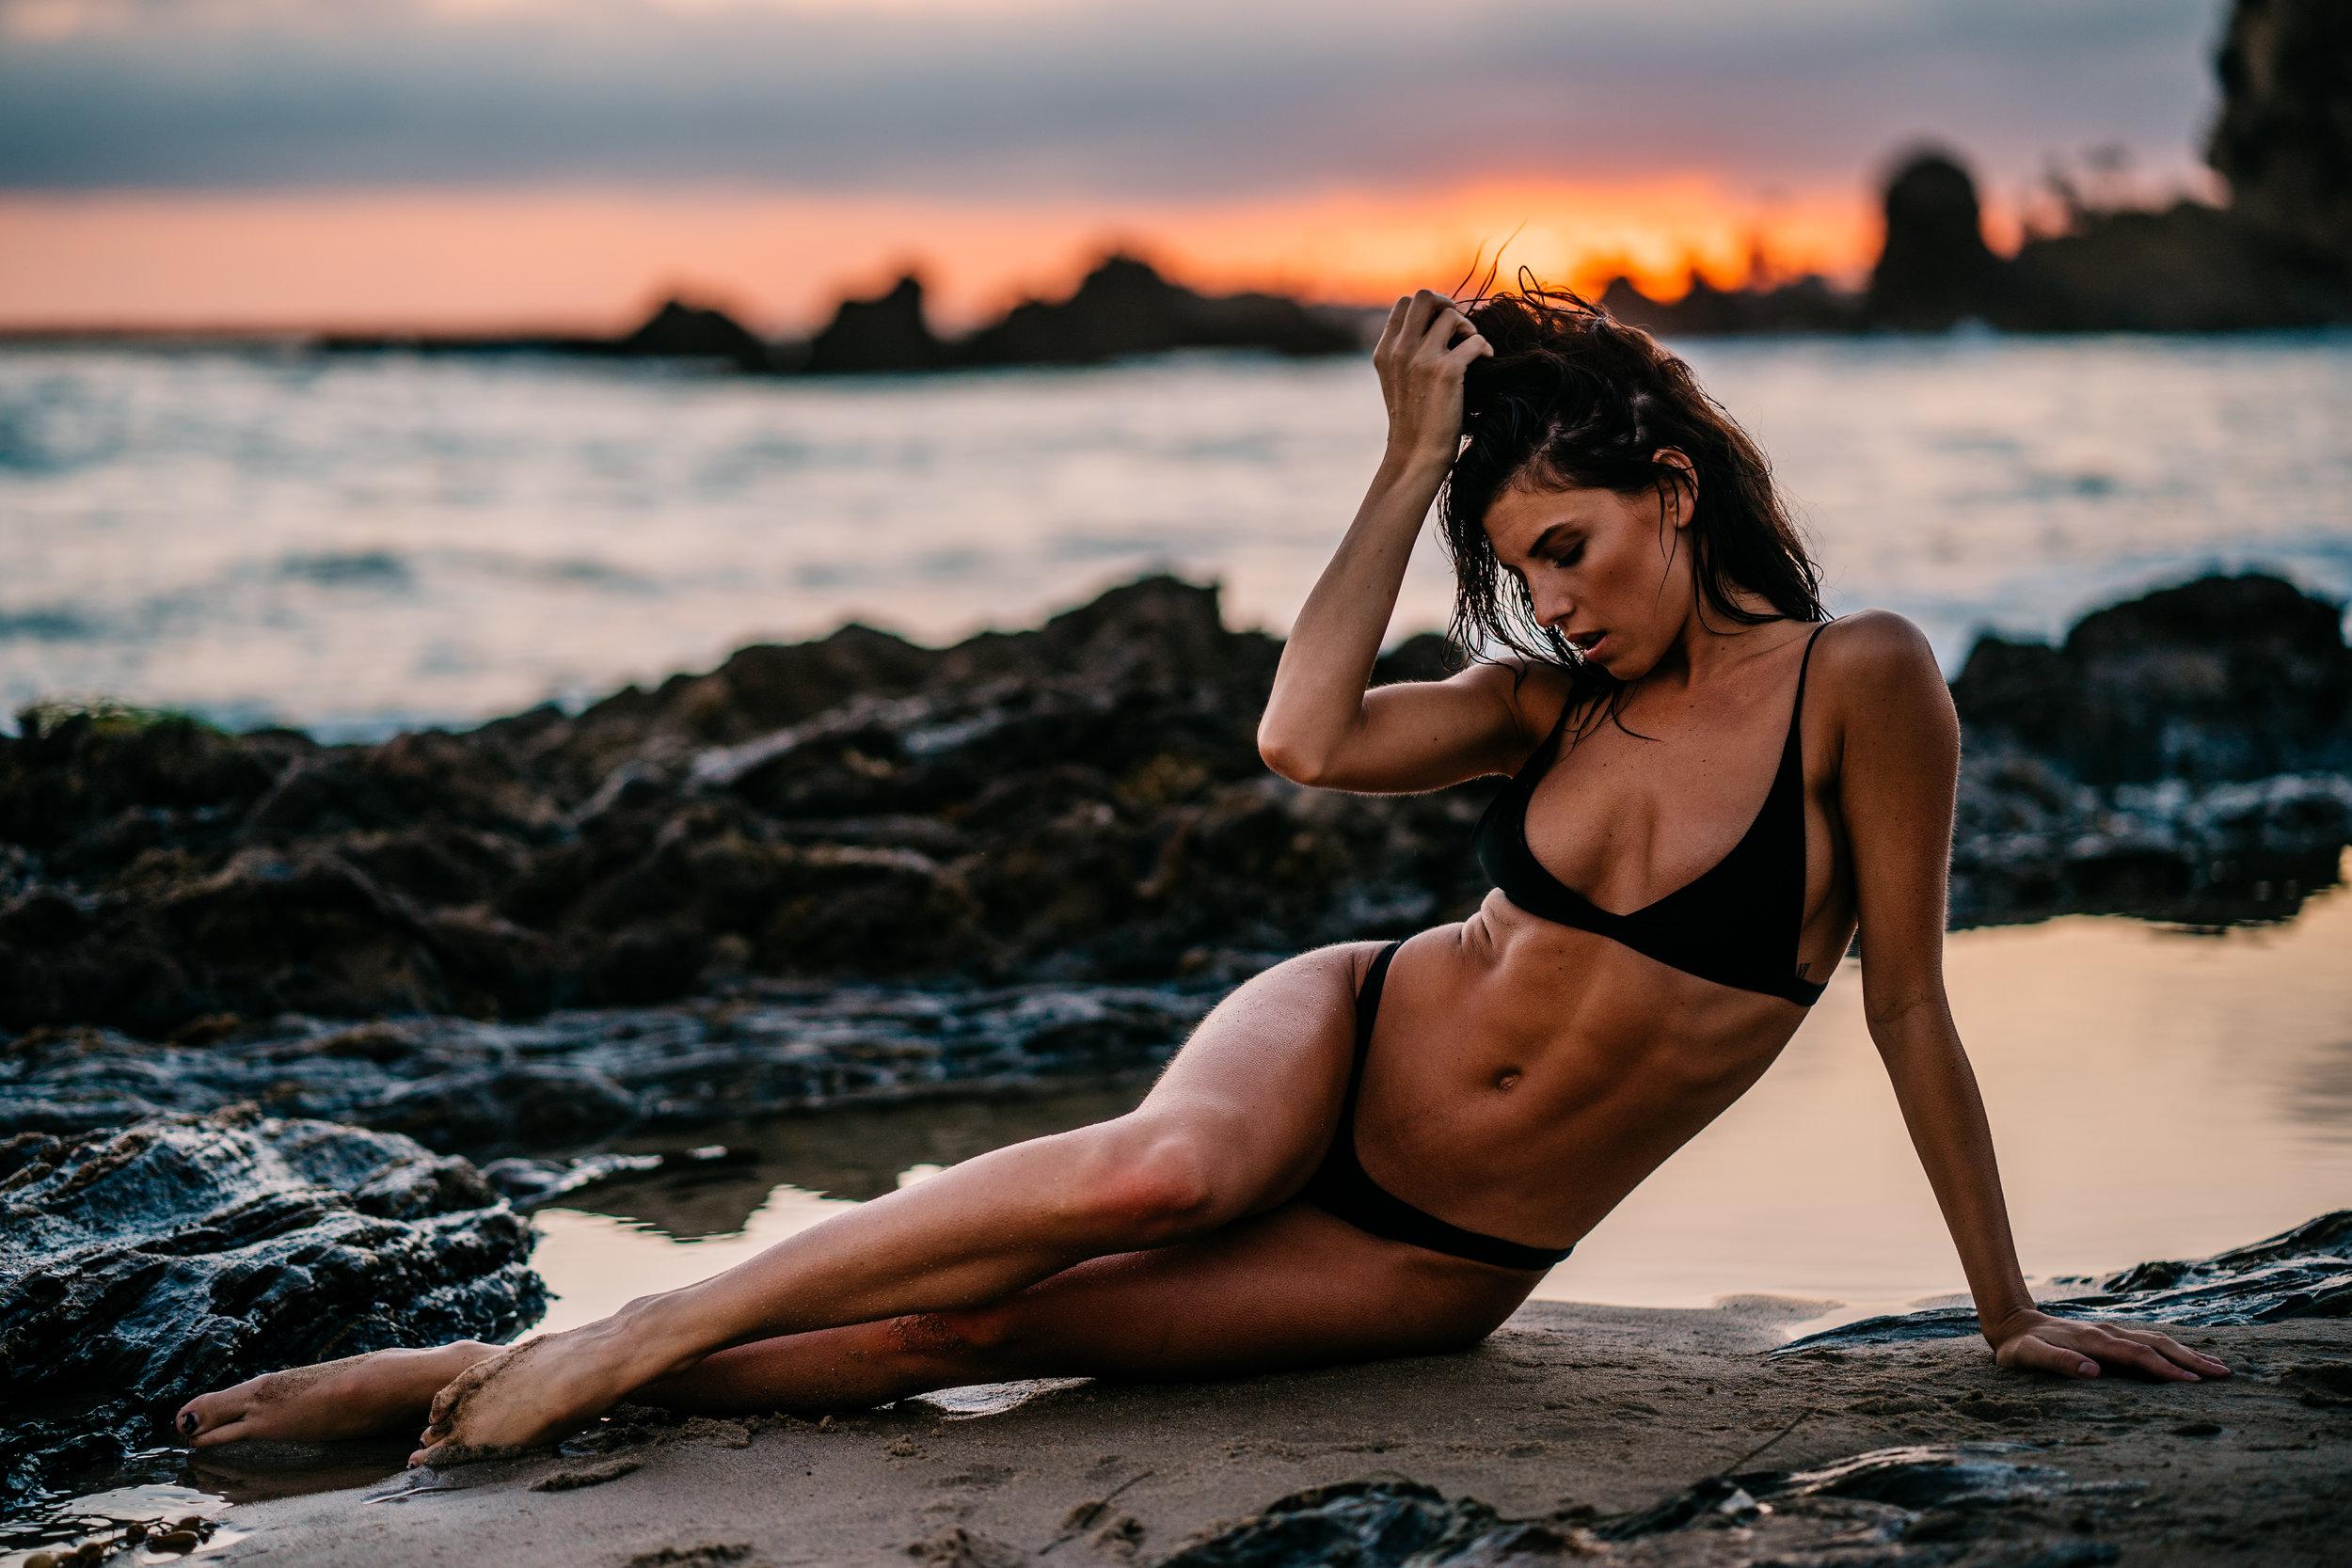 @ella.jordan  Little Corona Beach - Corona Del Mar, CALIFORNIa